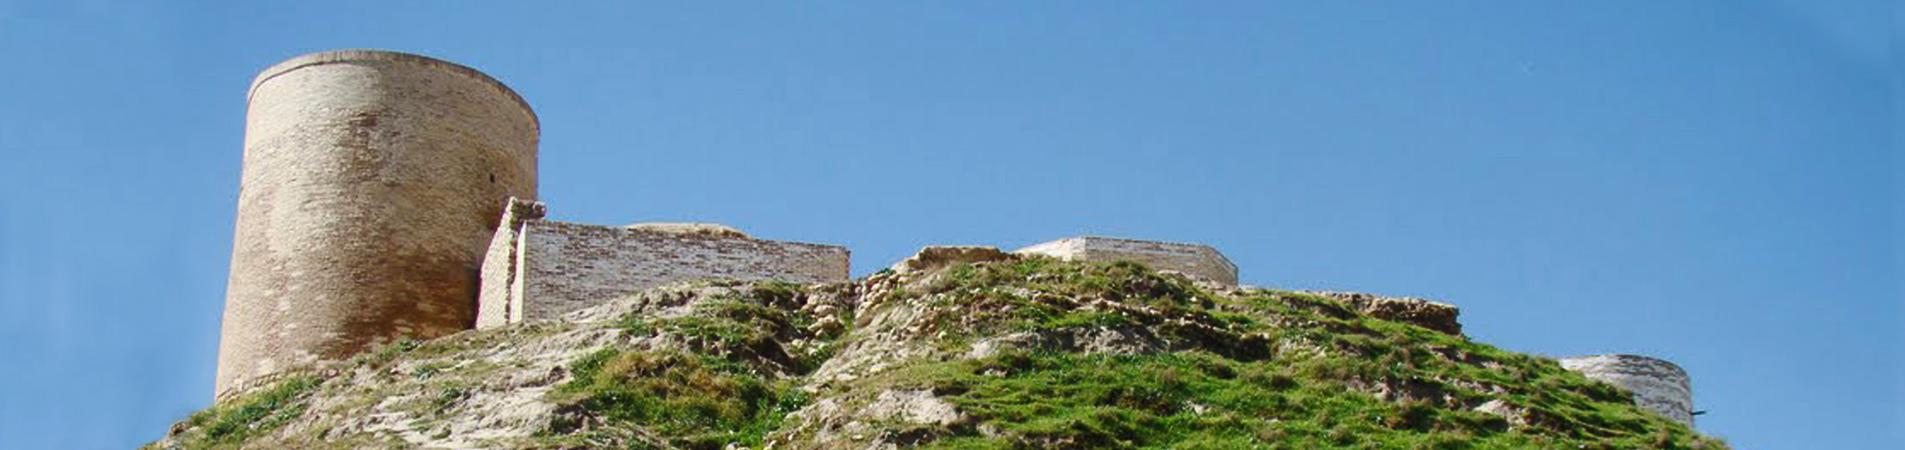 قلعه تل ؛ حافظ و نگهبان سالخورده این مرز و بوم